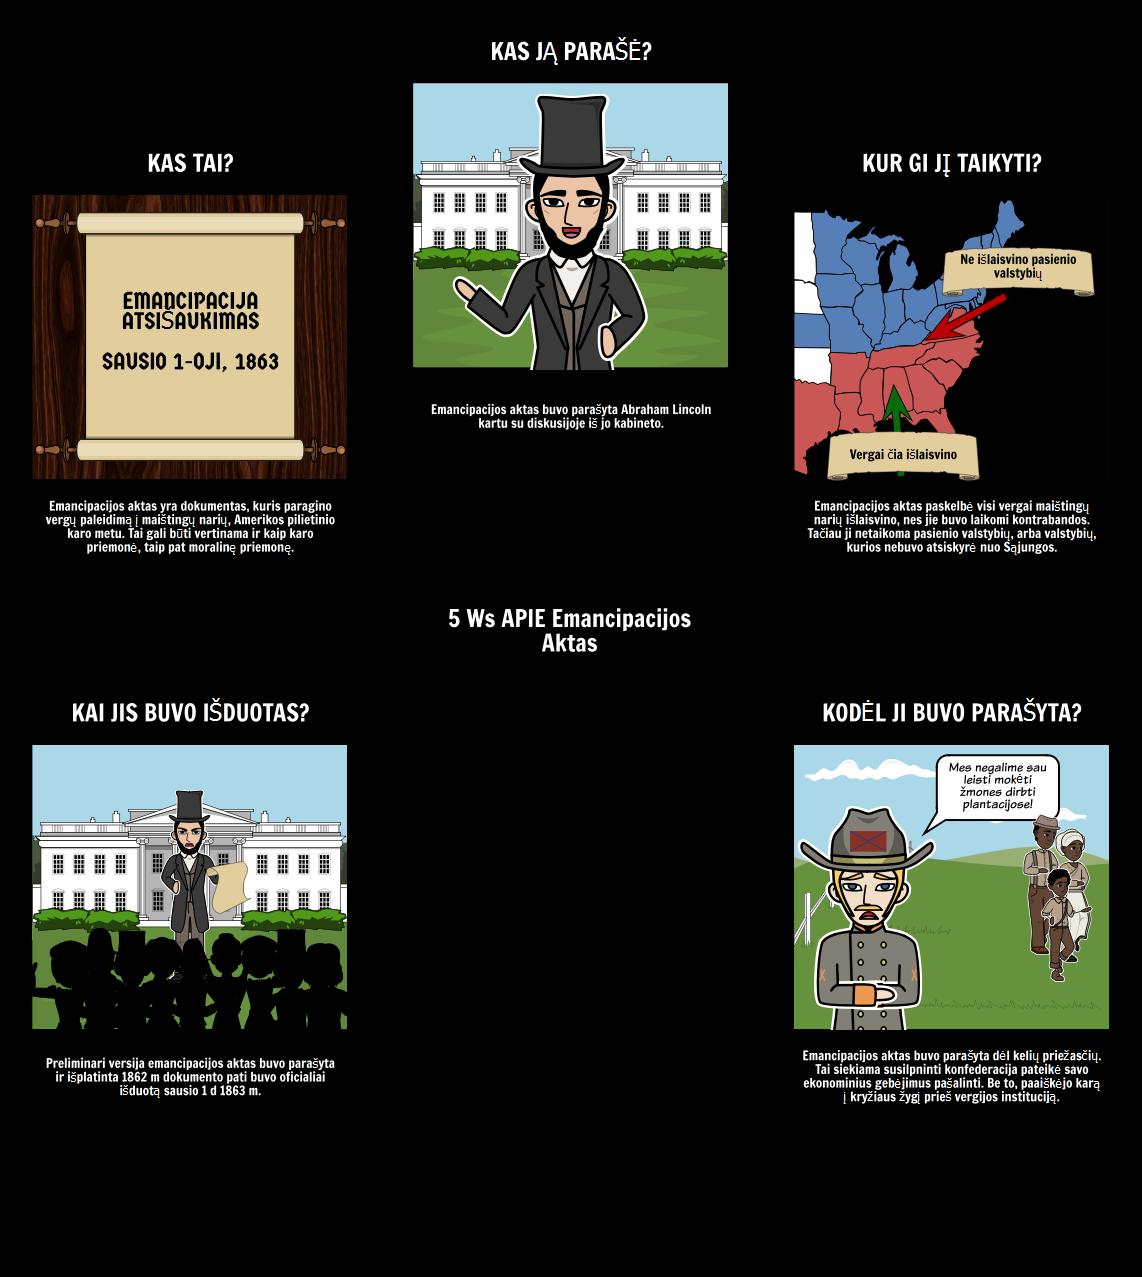 Emancipacijos Aktas 5 Ws